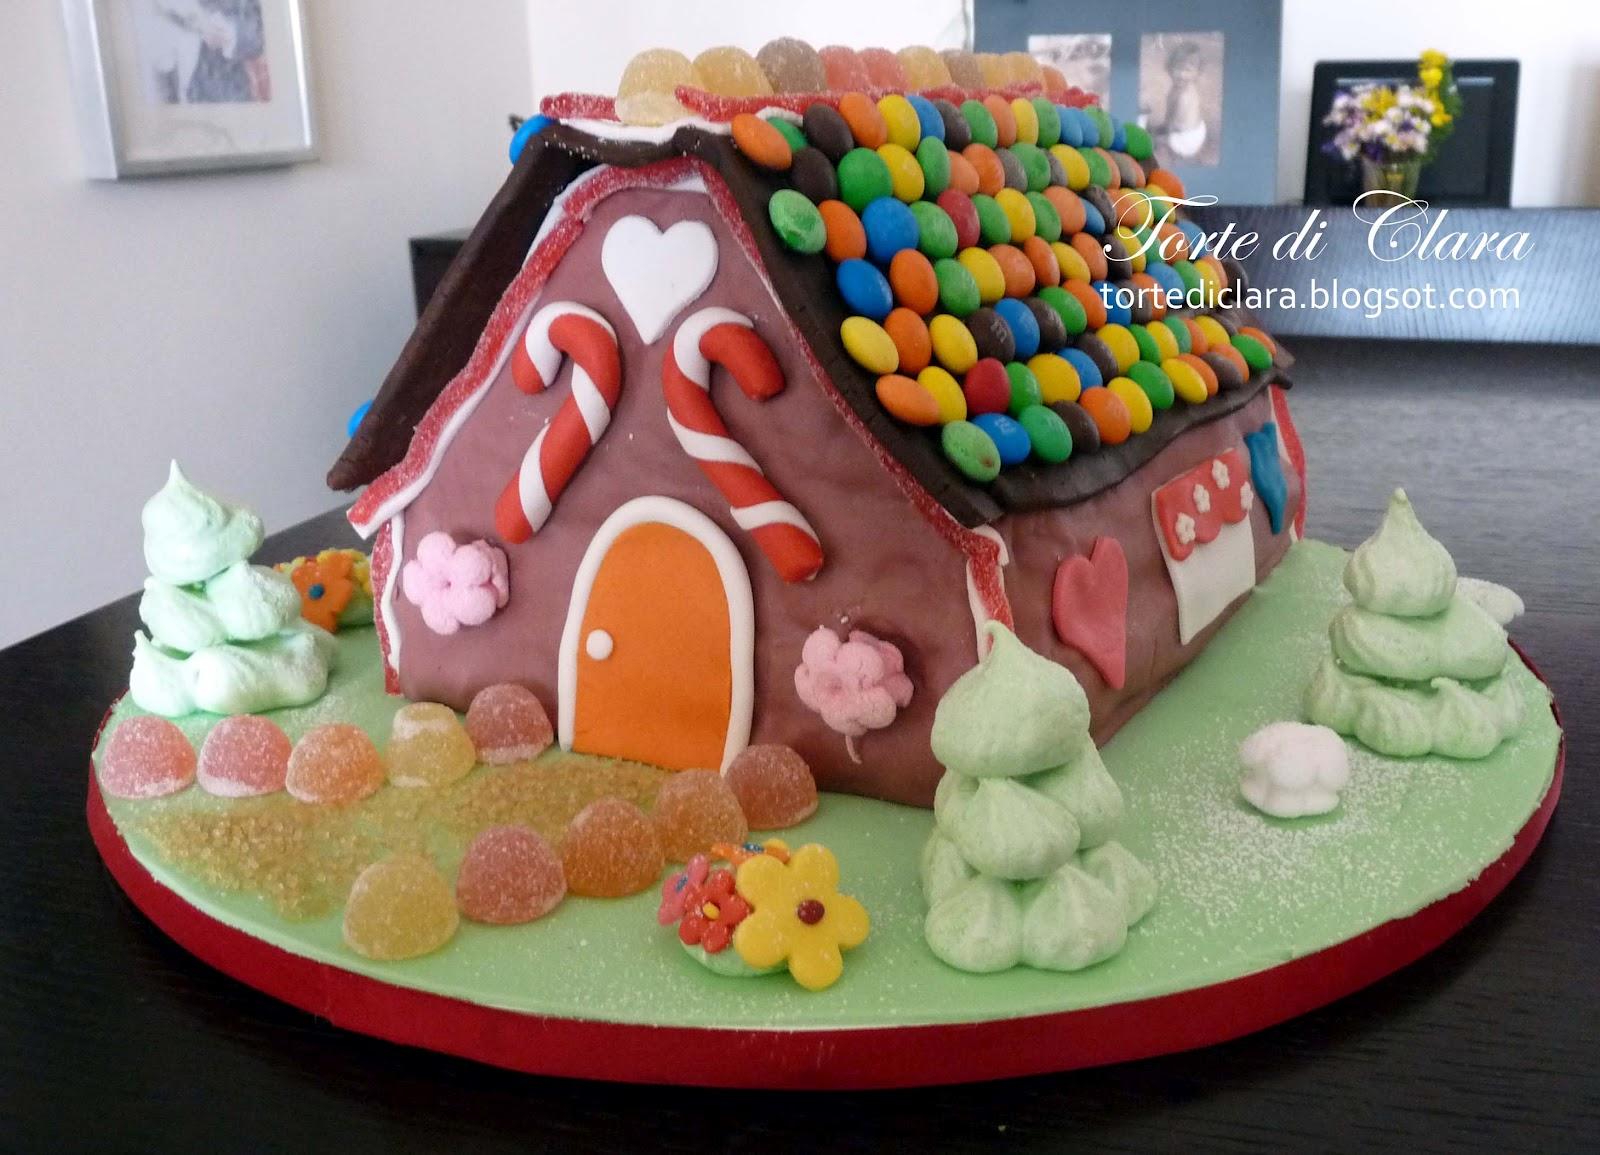 Torte di clara marzo 2012 - Casa di caramelle ...